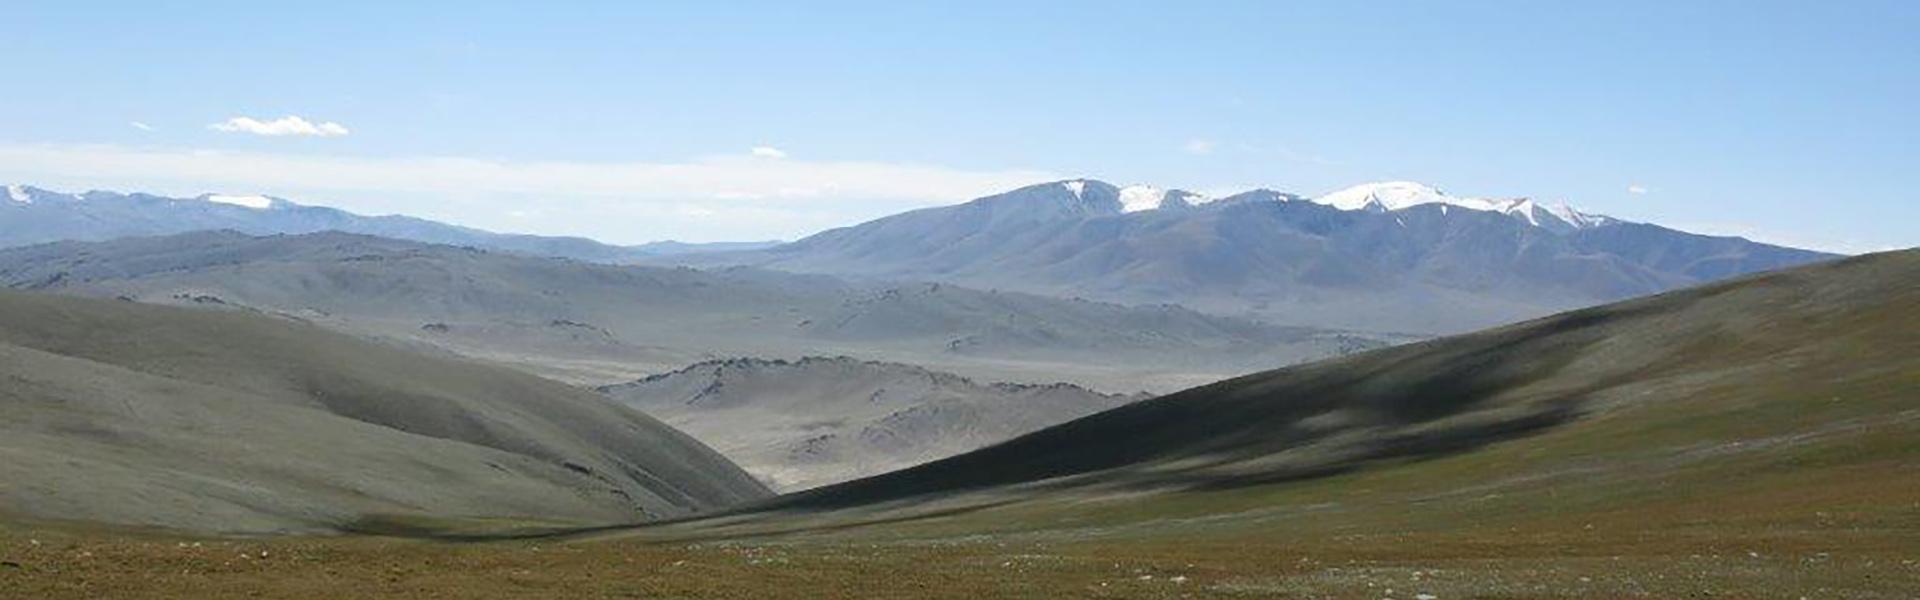 Vayana - einfach sein - Josefine Pfeifhofer - Schamanin in der Mongolei im Altai Gebirge geht sie dem Urschamanismus nach